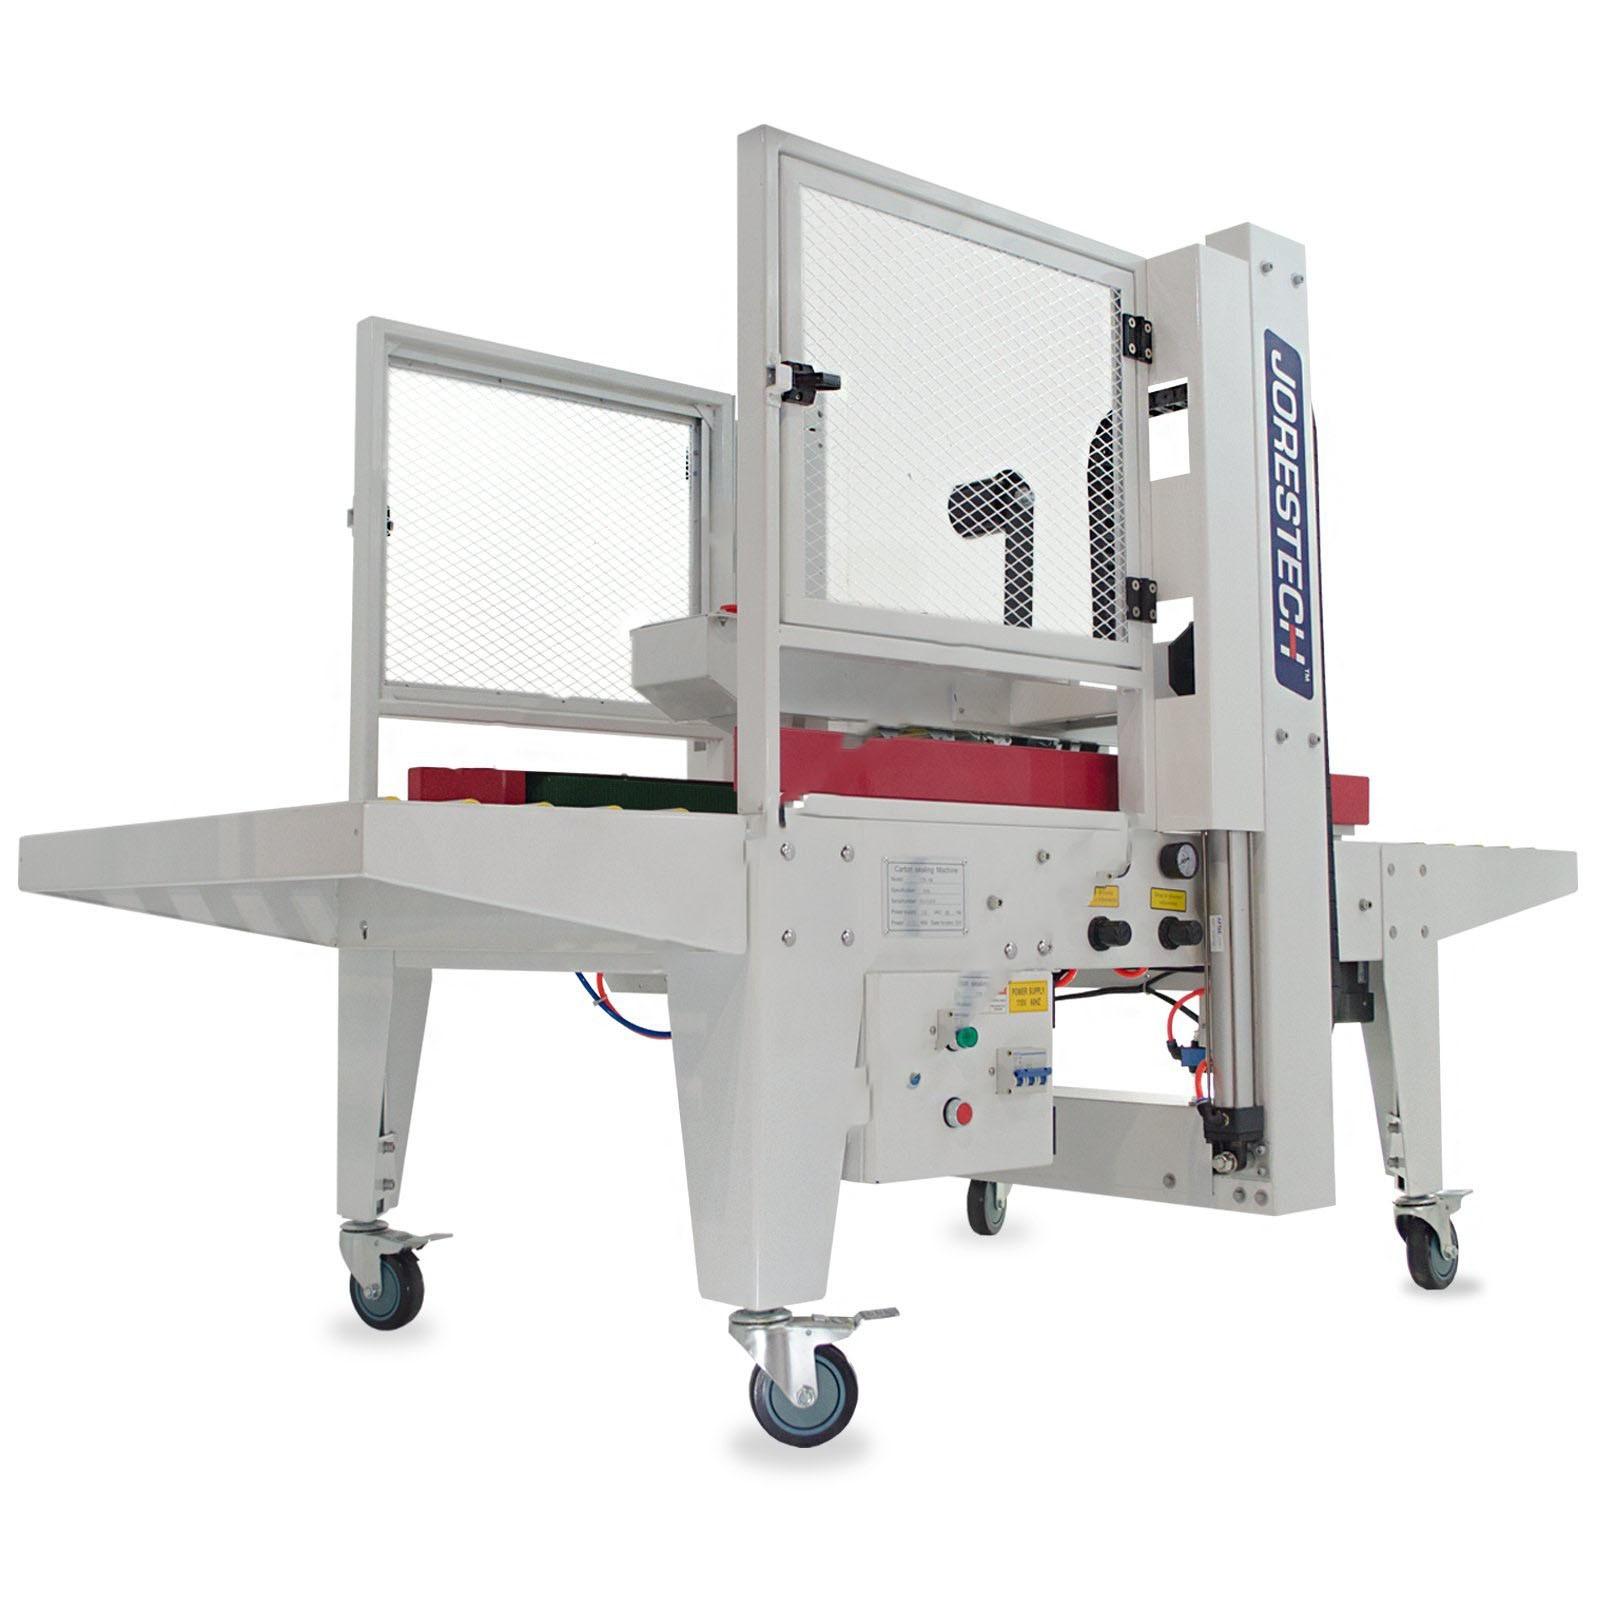 Máquina automática de cierre de cajas de cartón con tracción lateral - Modelo: CCN-108